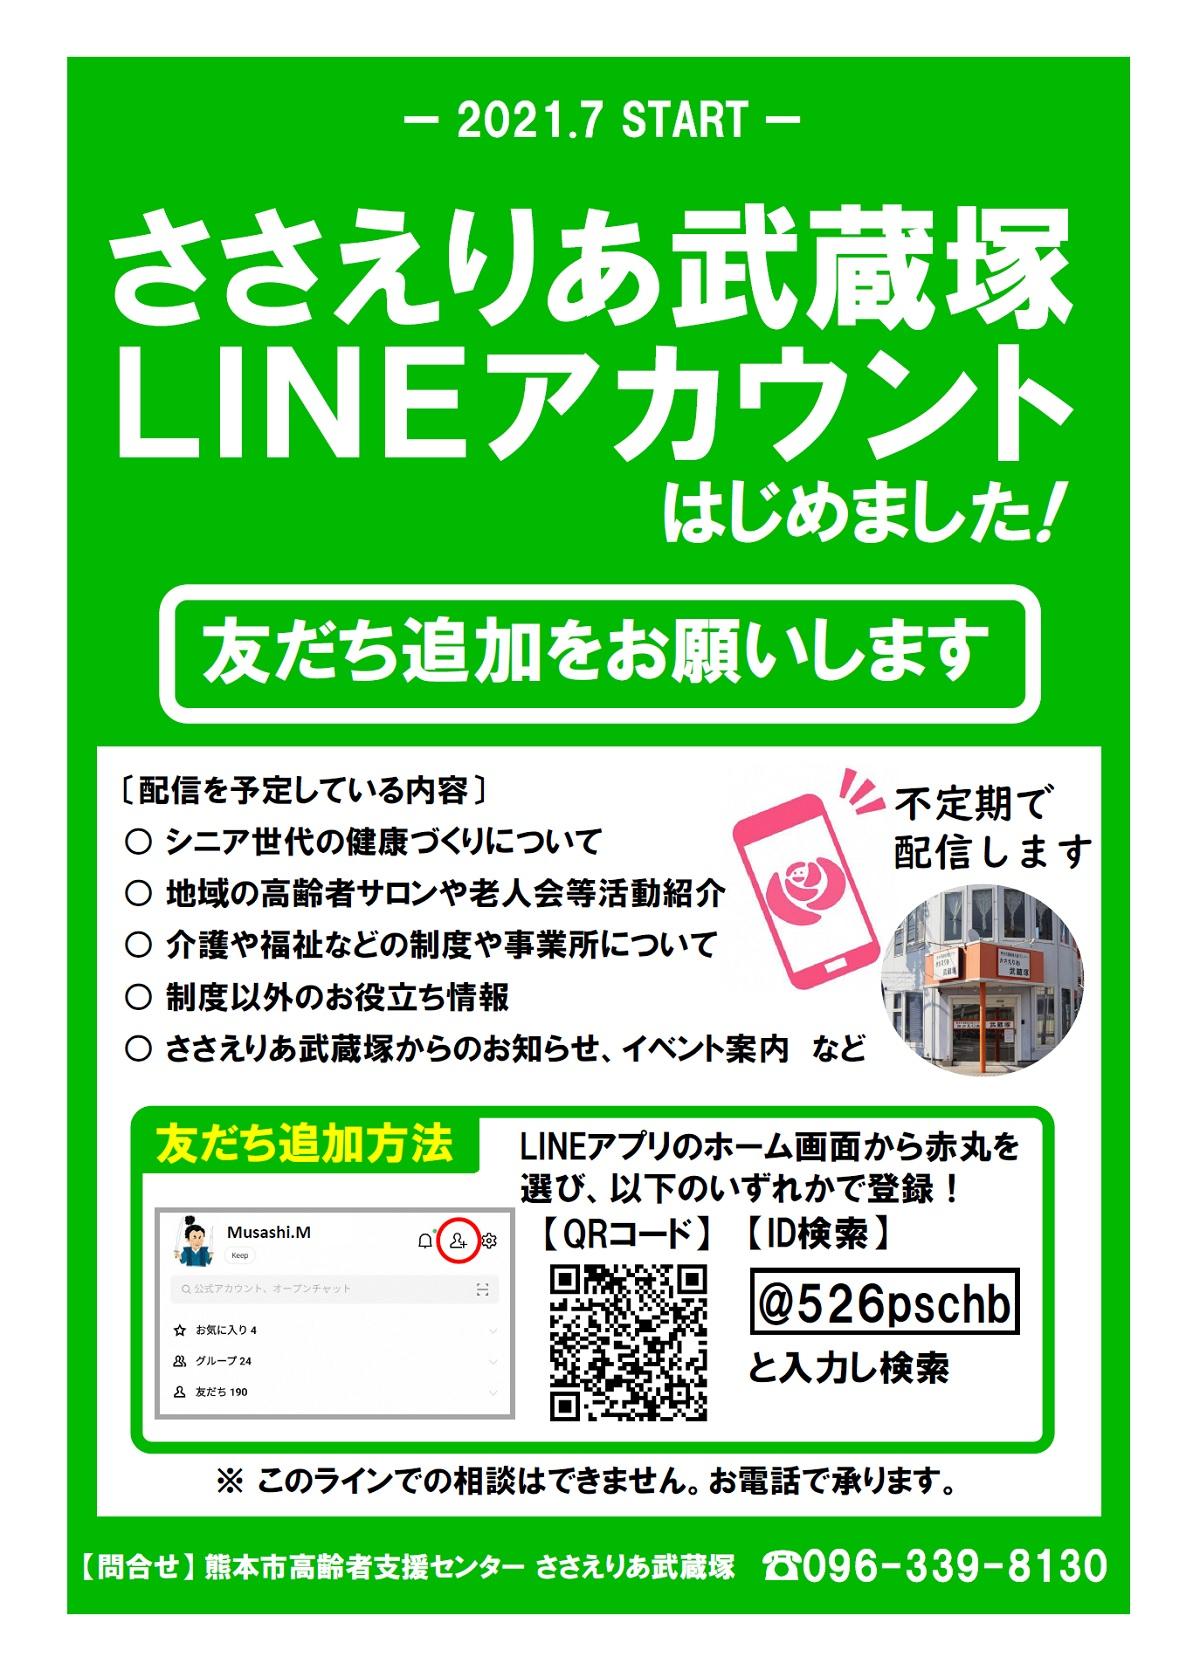 ささえりあ武蔵塚LINEアカウント案内チラシ